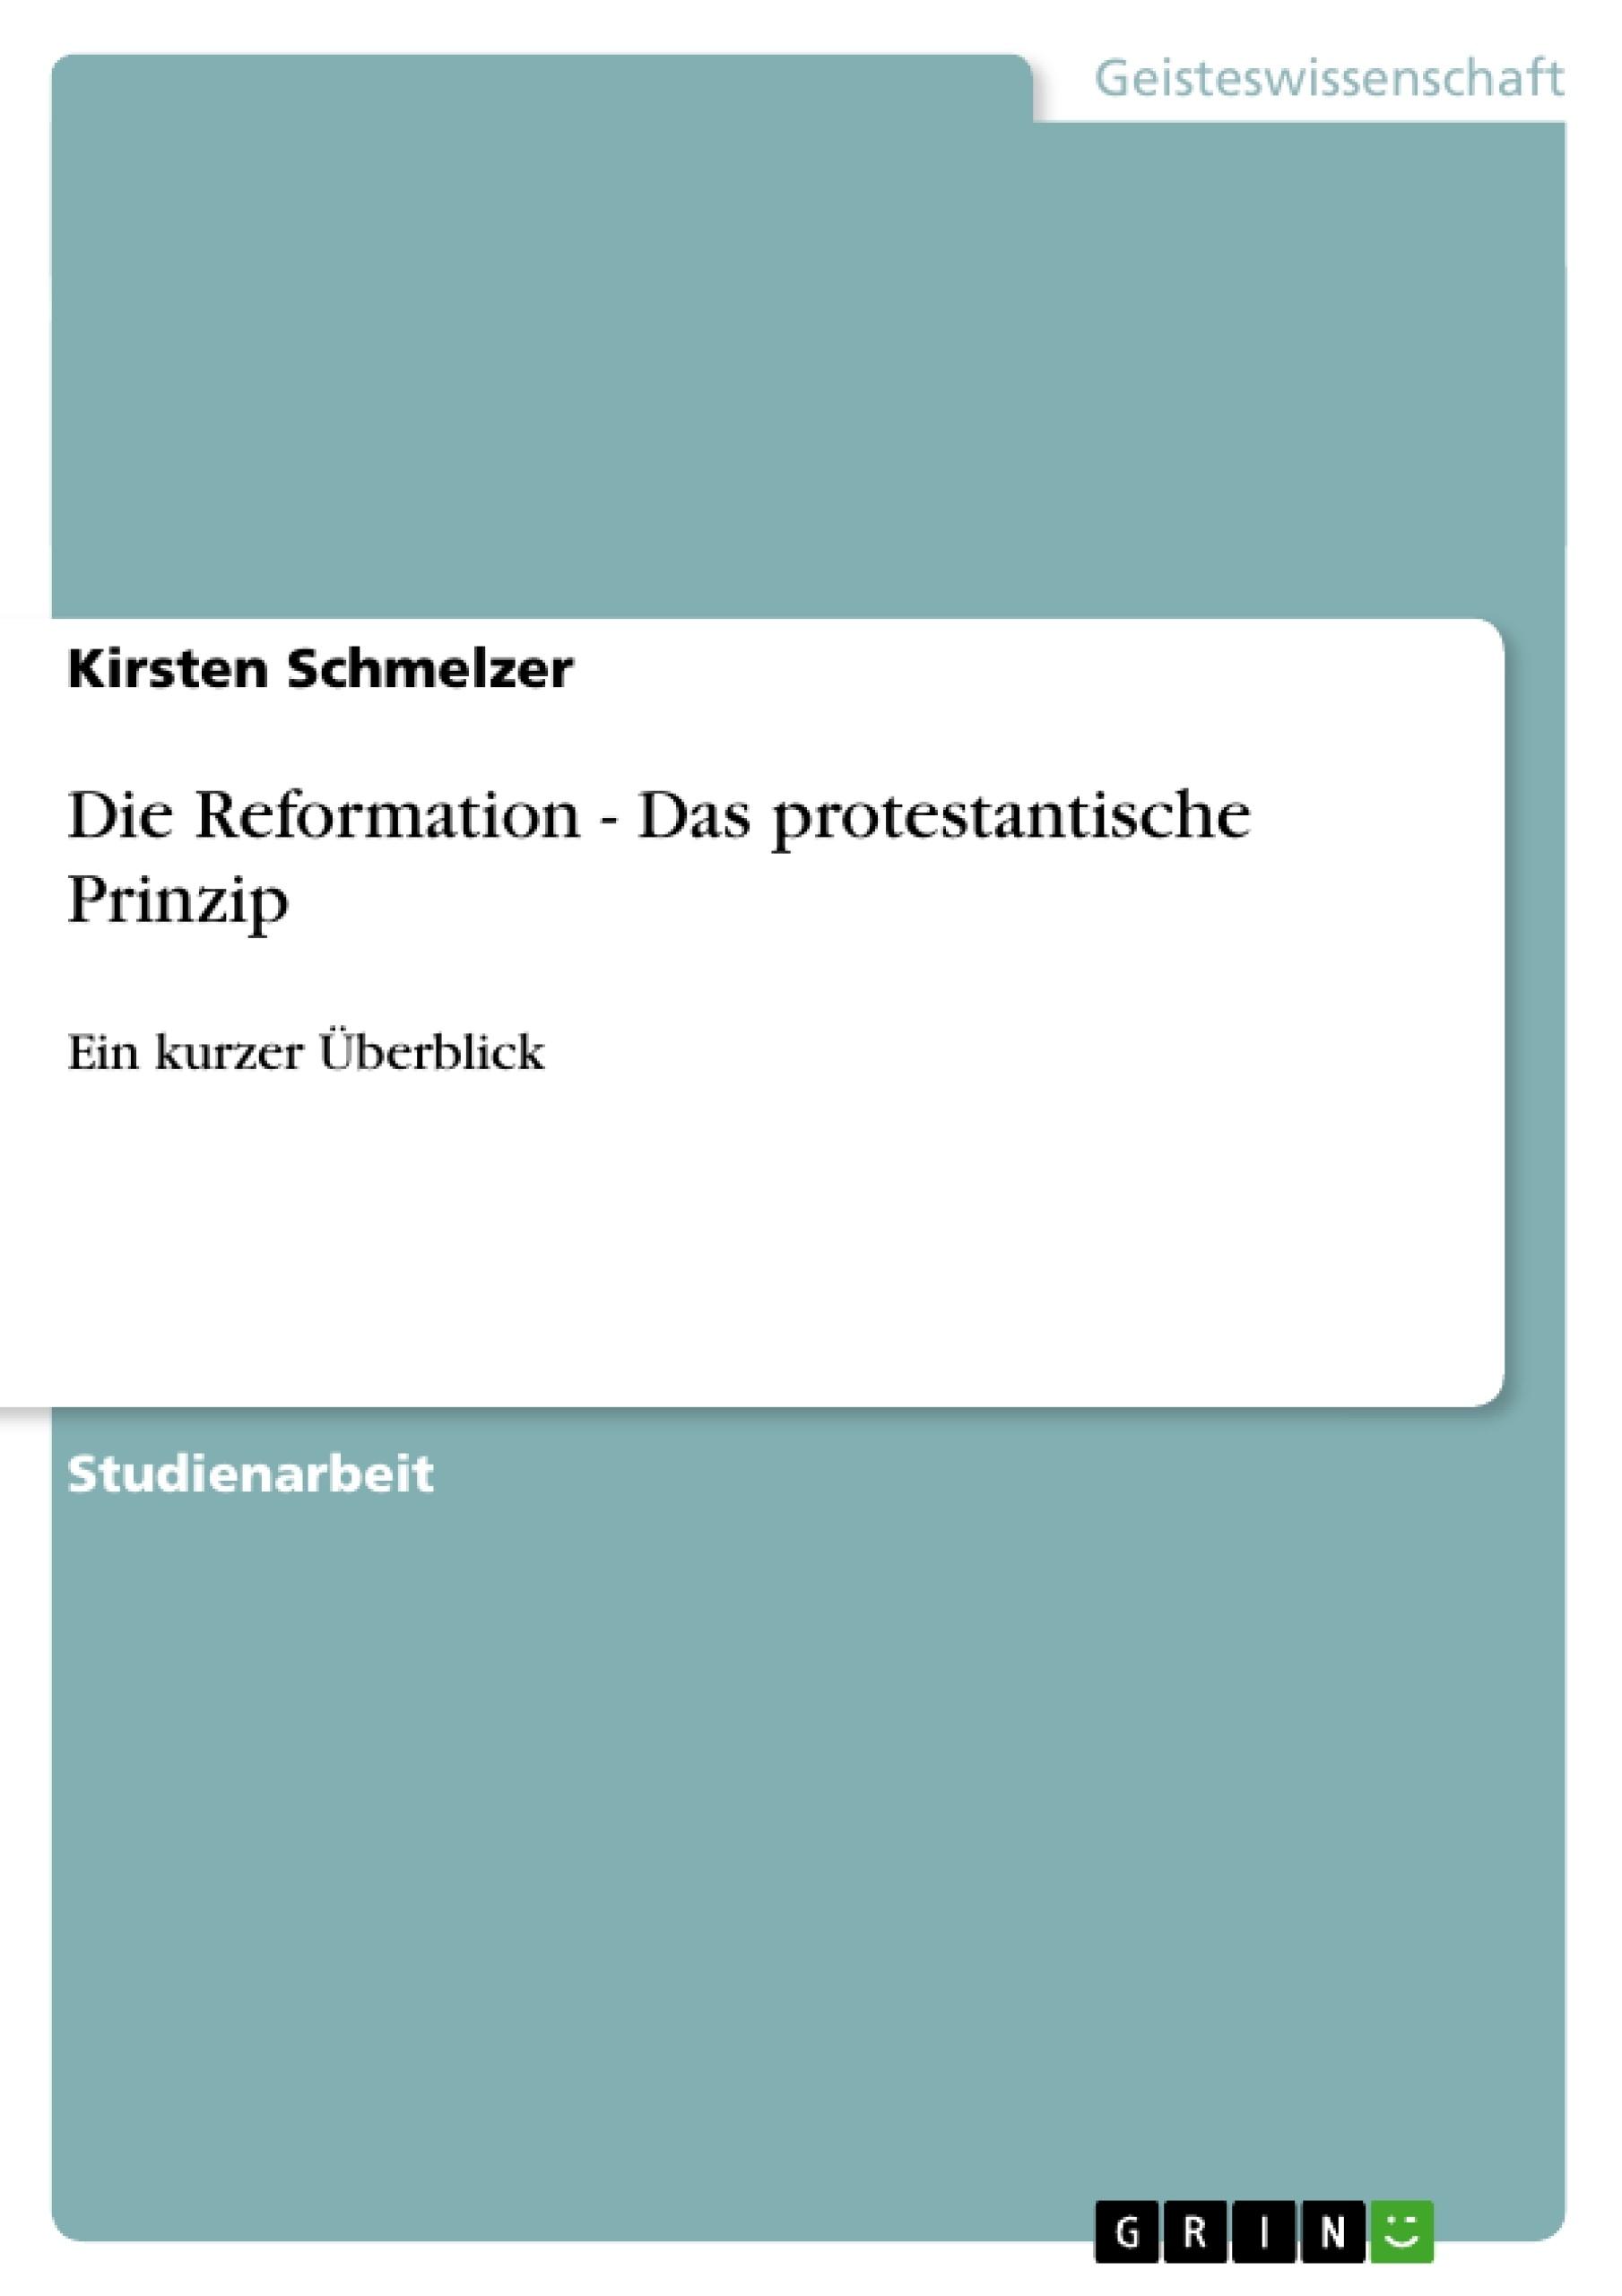 Titel: Die Reformation - Das protestantische Prinzip